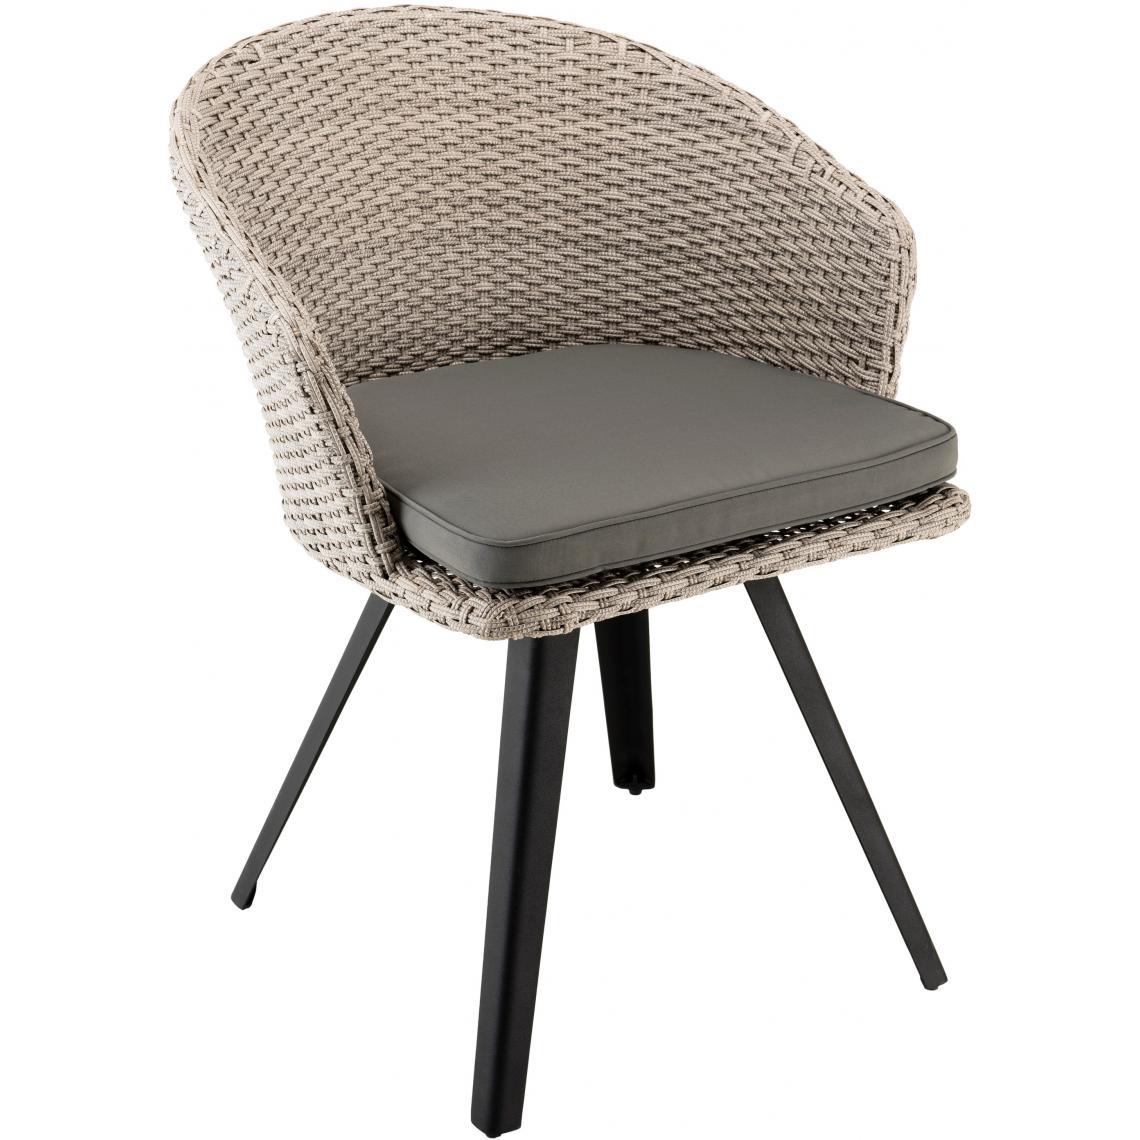 fauteuil rotin synthetique et metal coussin gris